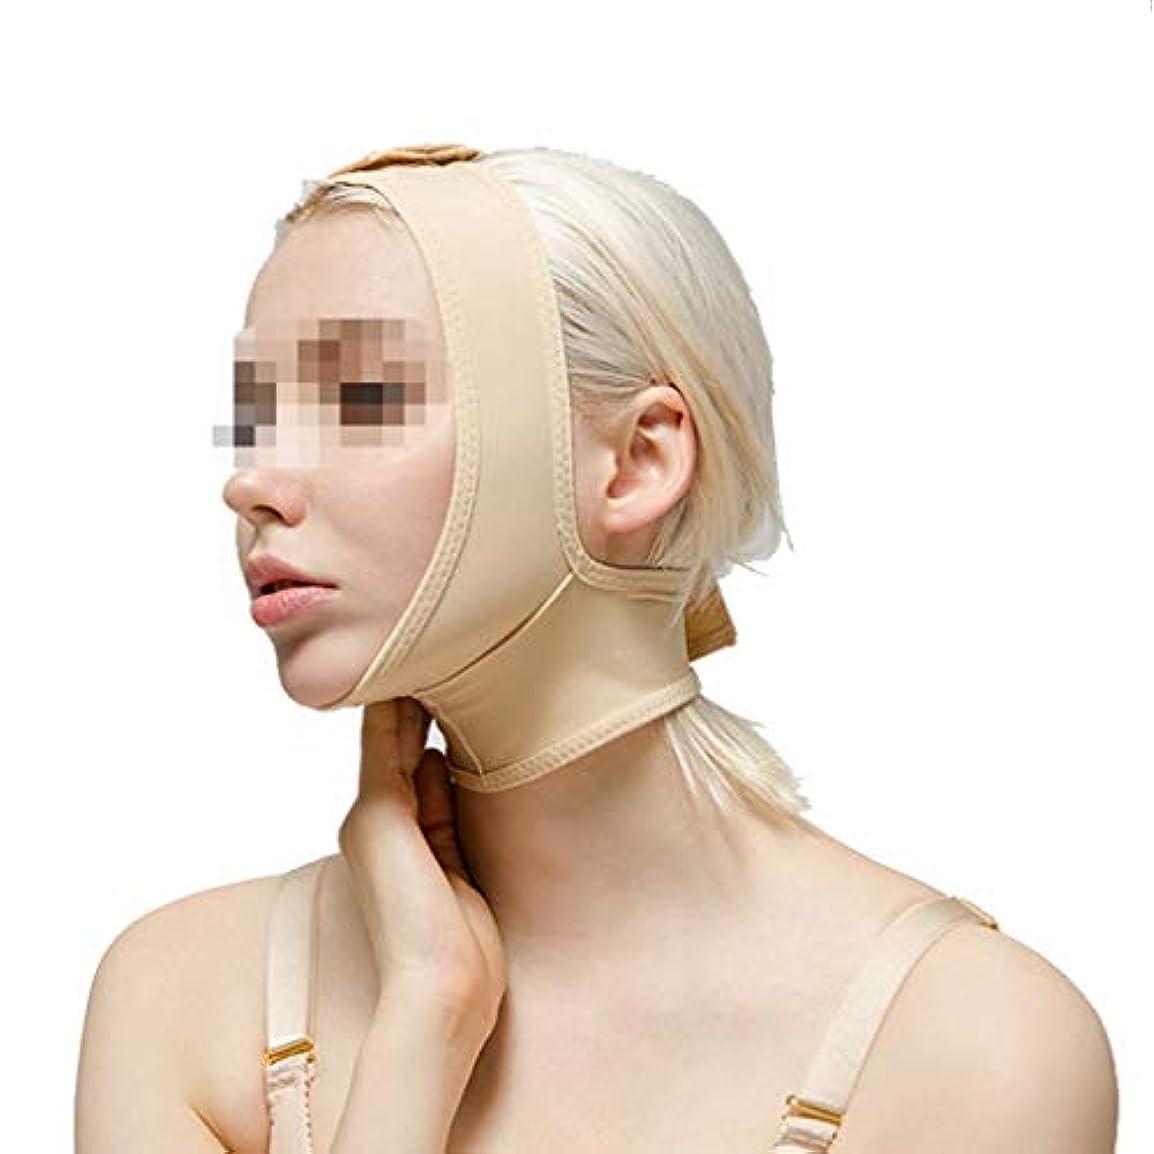 必需品まばたき寝てる術後伸縮性スリーブ、下顎束フェイスバンデージフェイシャルビームダブルチンシンフェイスマスクマルチサイズオプション(サイズ:L),XS